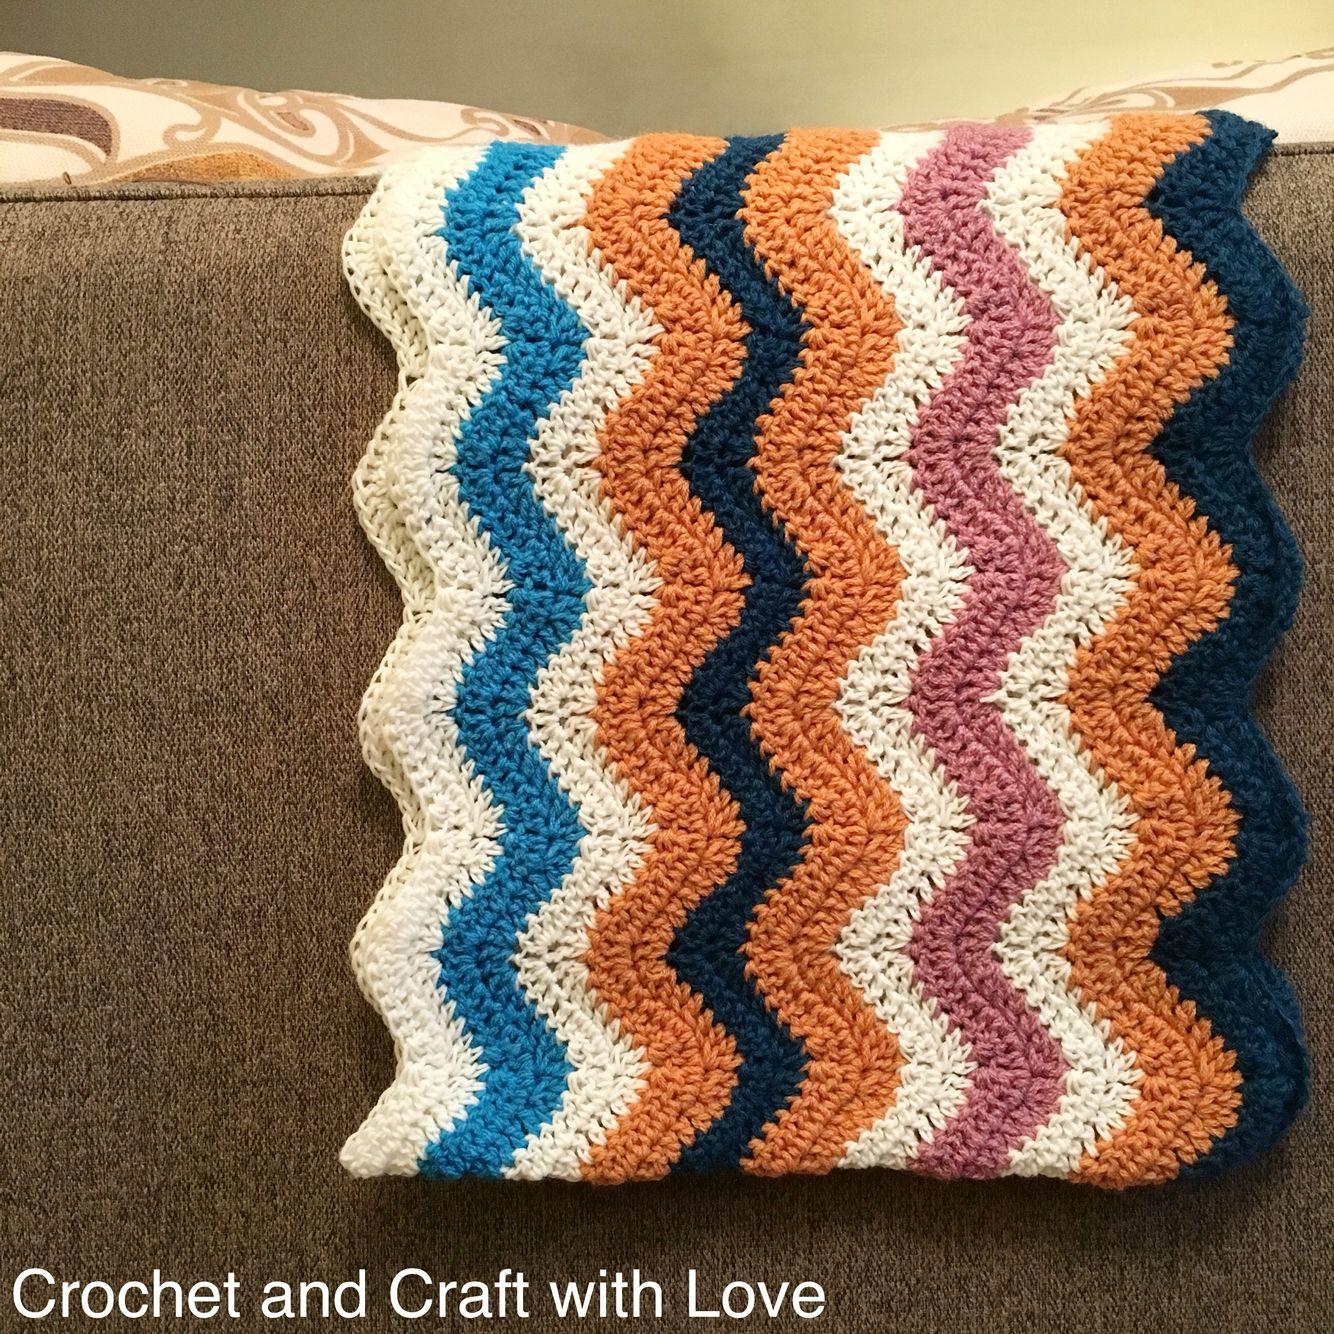 كروشيه غرزة الزجزاج الغرزة المموجه Chevron Stitch Crochet Crochet Baby Crochet Blanket